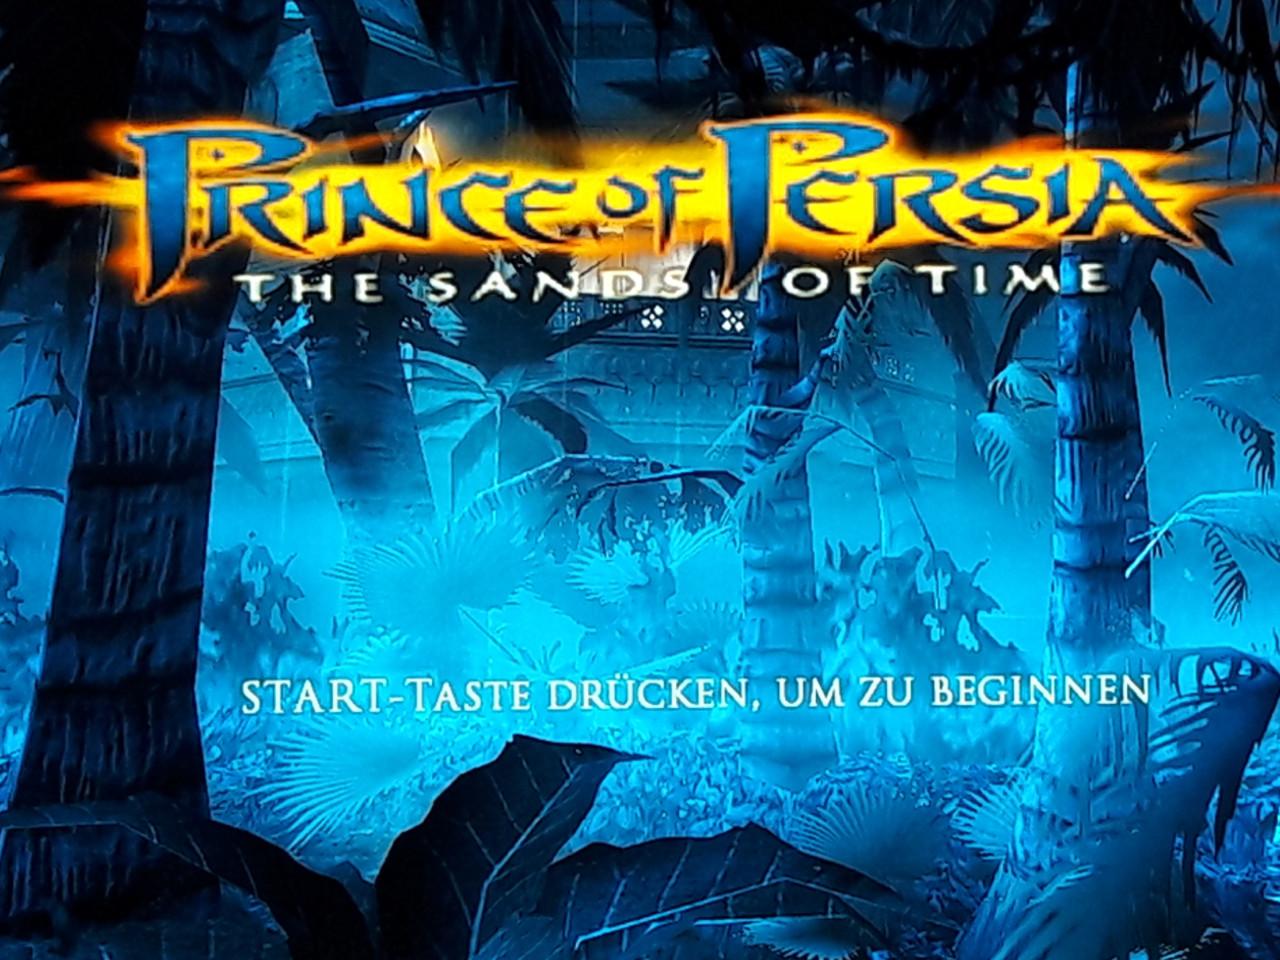 Der Startbildschirm von Prince of Persia: The Sands of Time. (Bild: Michaela Rücker)